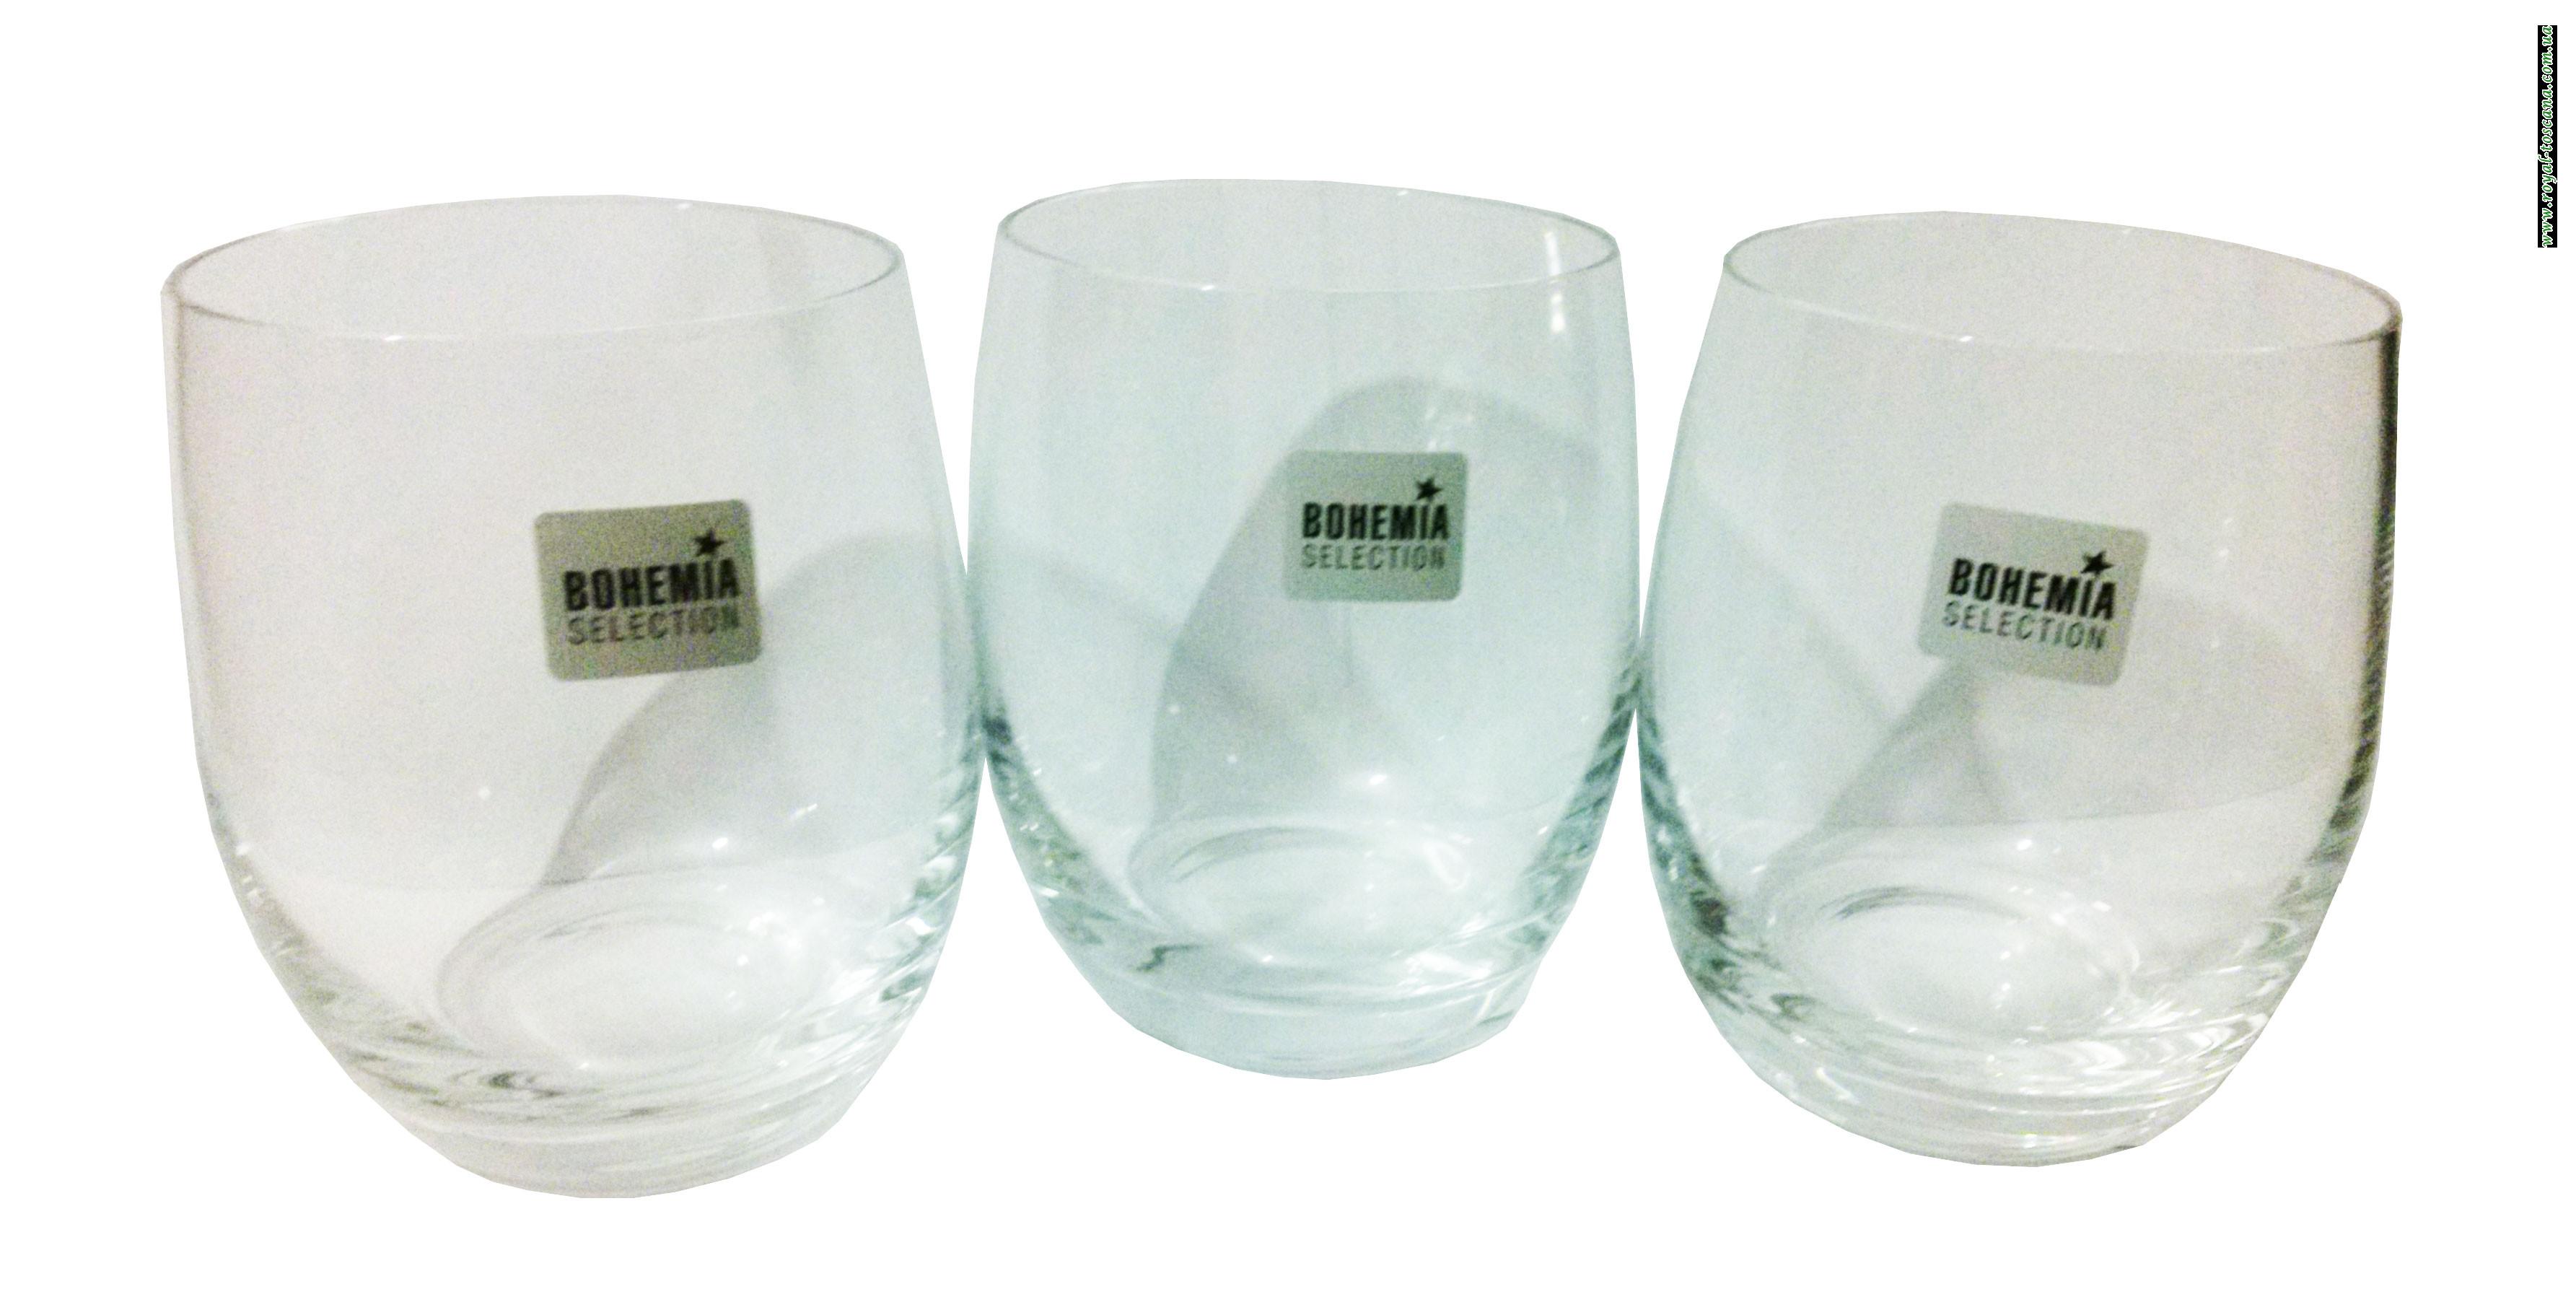 Набор стаканов Bohemia Selection